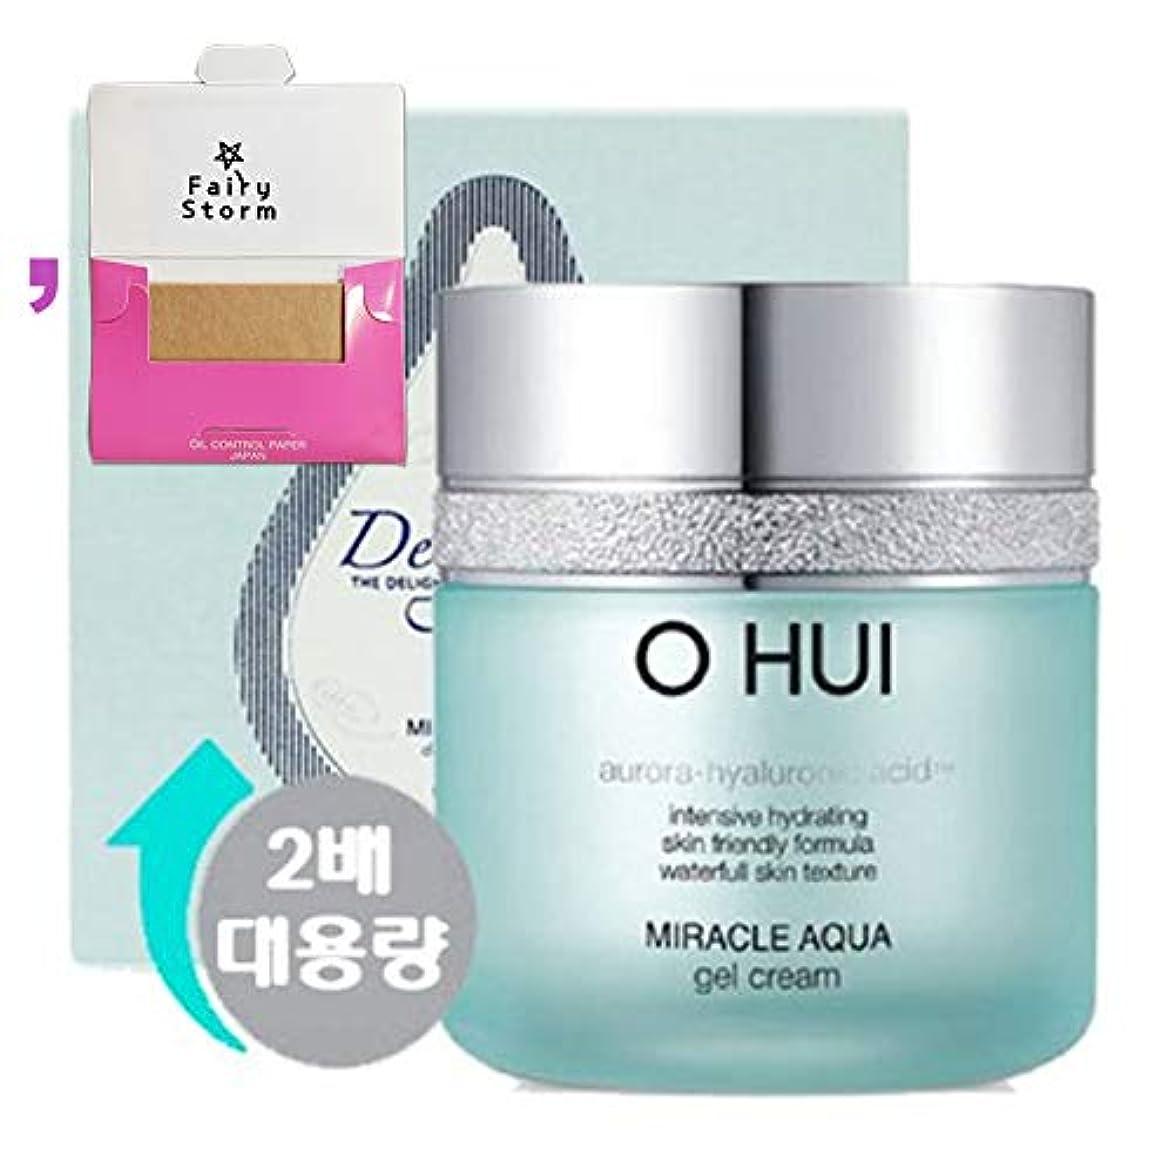 悪化させる彫るマーケティング[オフィ/O HUI]韓国化粧品LG生活健康/Miracle Aqua Gel Cream Special Set/ミラクルアクアゲルクリーム100mlの大容量企画セット+[Sample Gift](海外直送品)